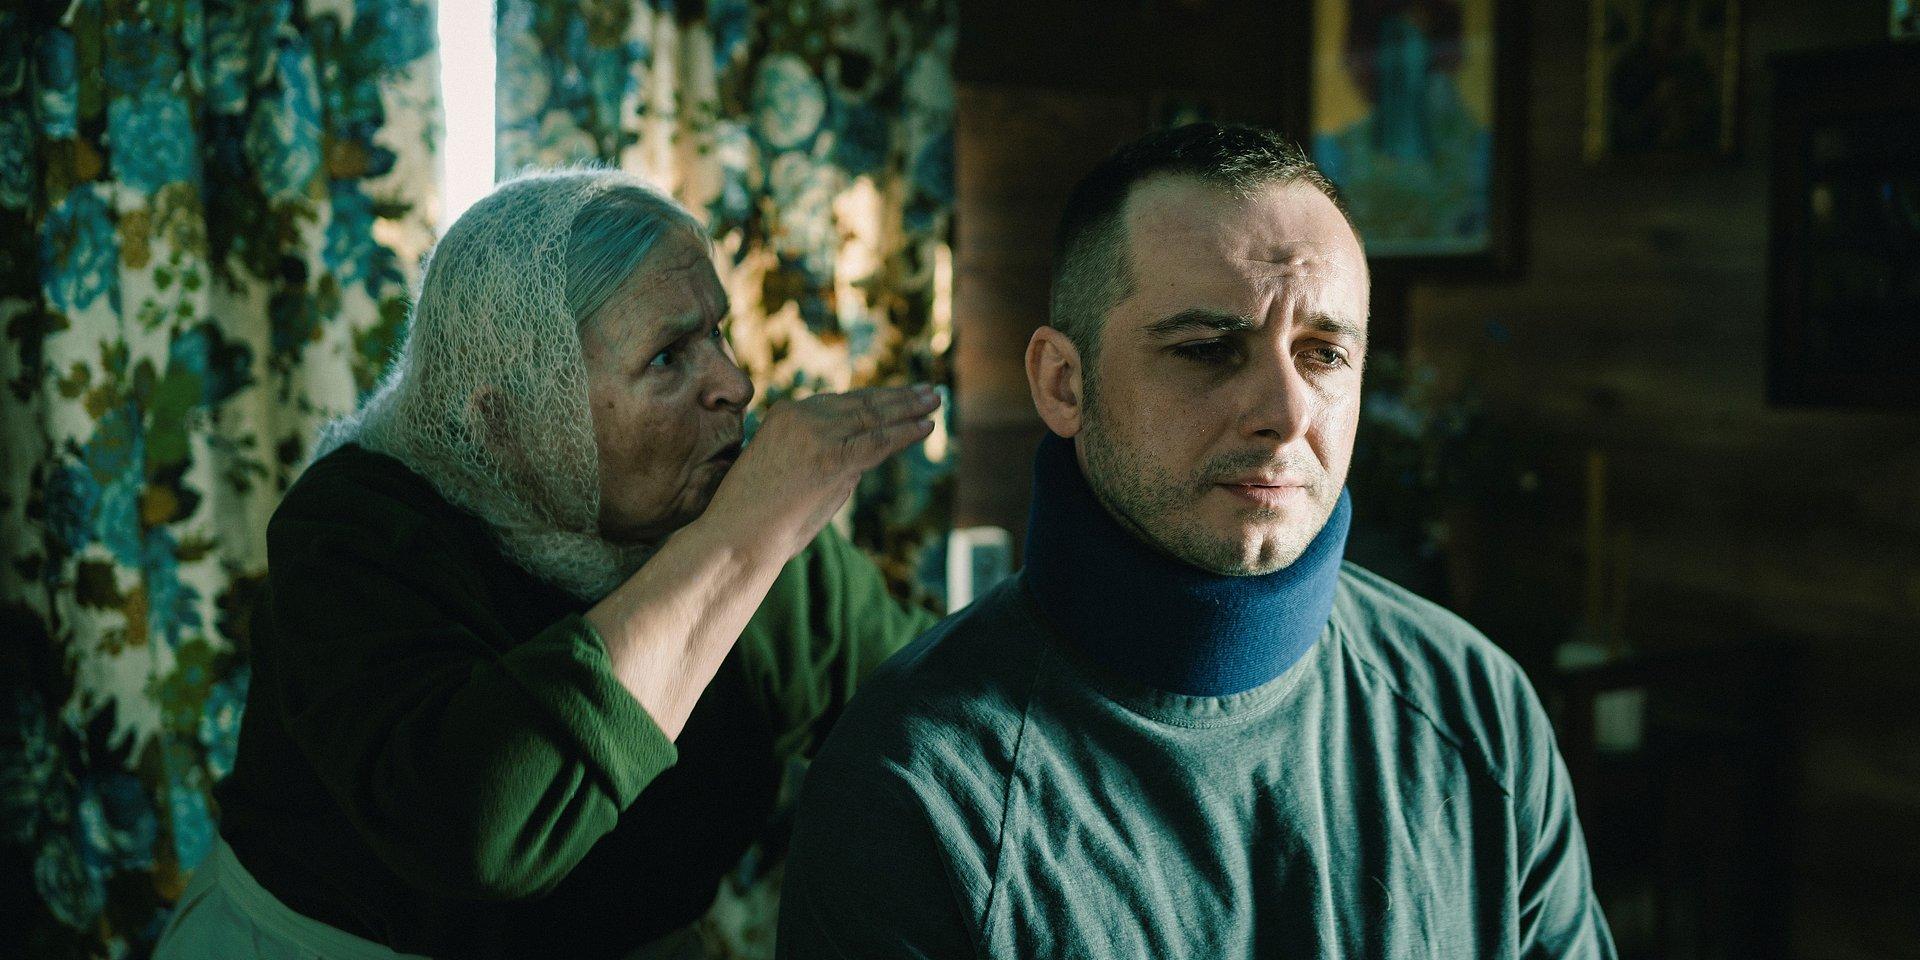 """CANAL+ rusza z produkcją kolejnego sezonu serialu """"KRUK. Szepty słychać po zmroku"""". Wznawia też zdjęcia do """"KLANGORU"""""""